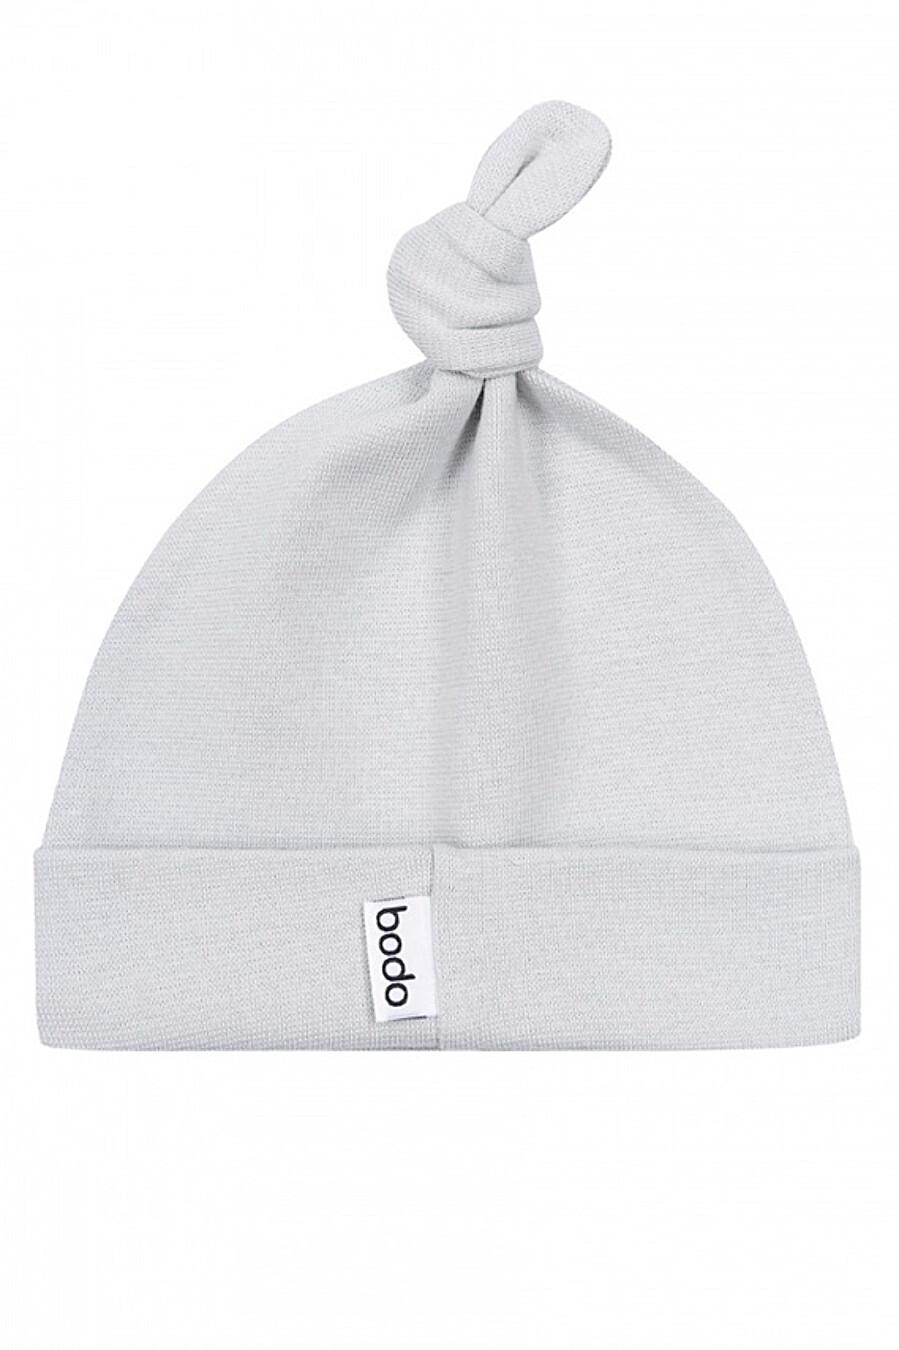 Шапка для девочек BODO 649028 купить оптом от производителя. Совместная покупка детской одежды в OptMoyo